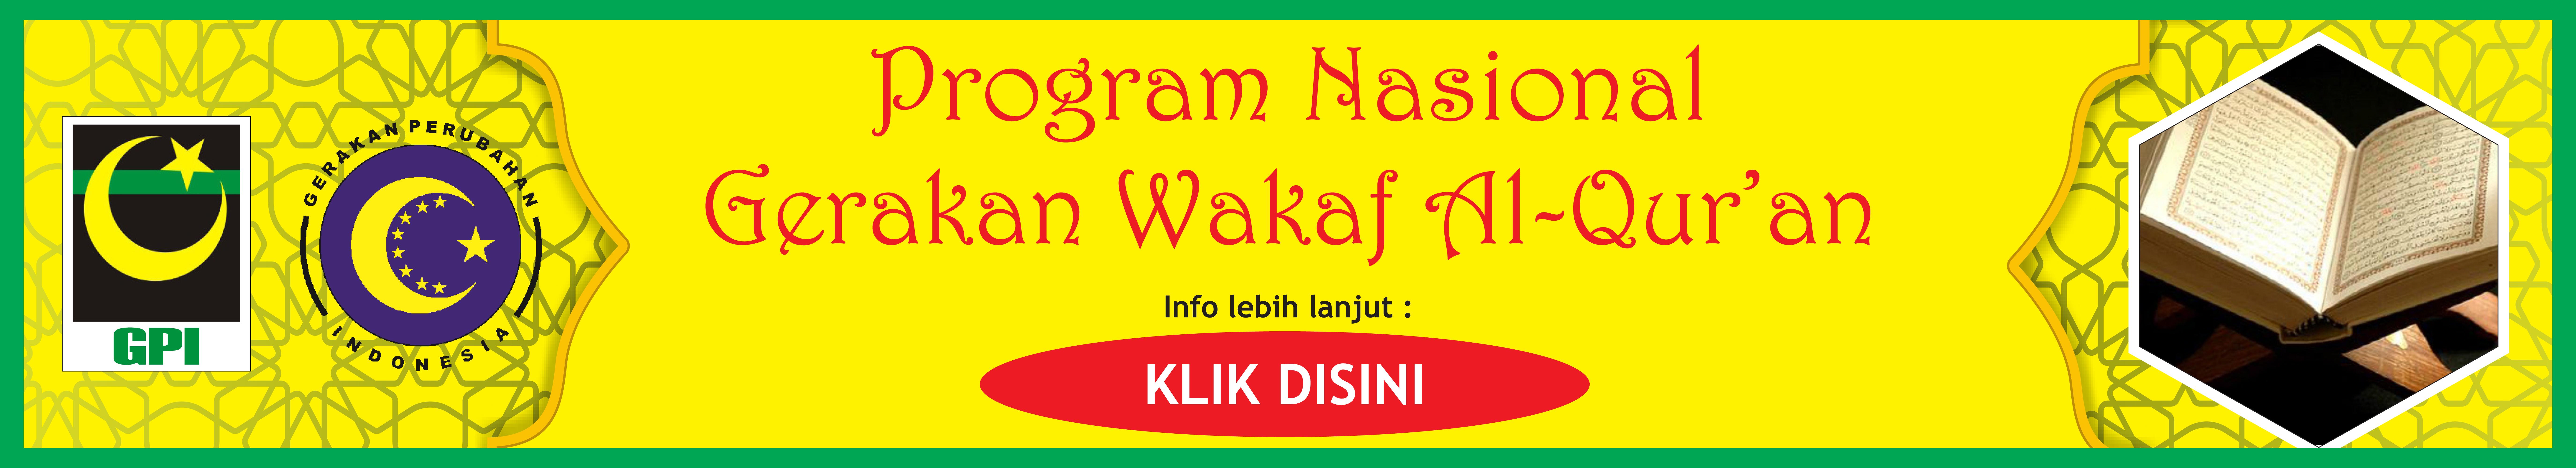 Program Nasional Gerakan Wakaf Al-Quran GPI